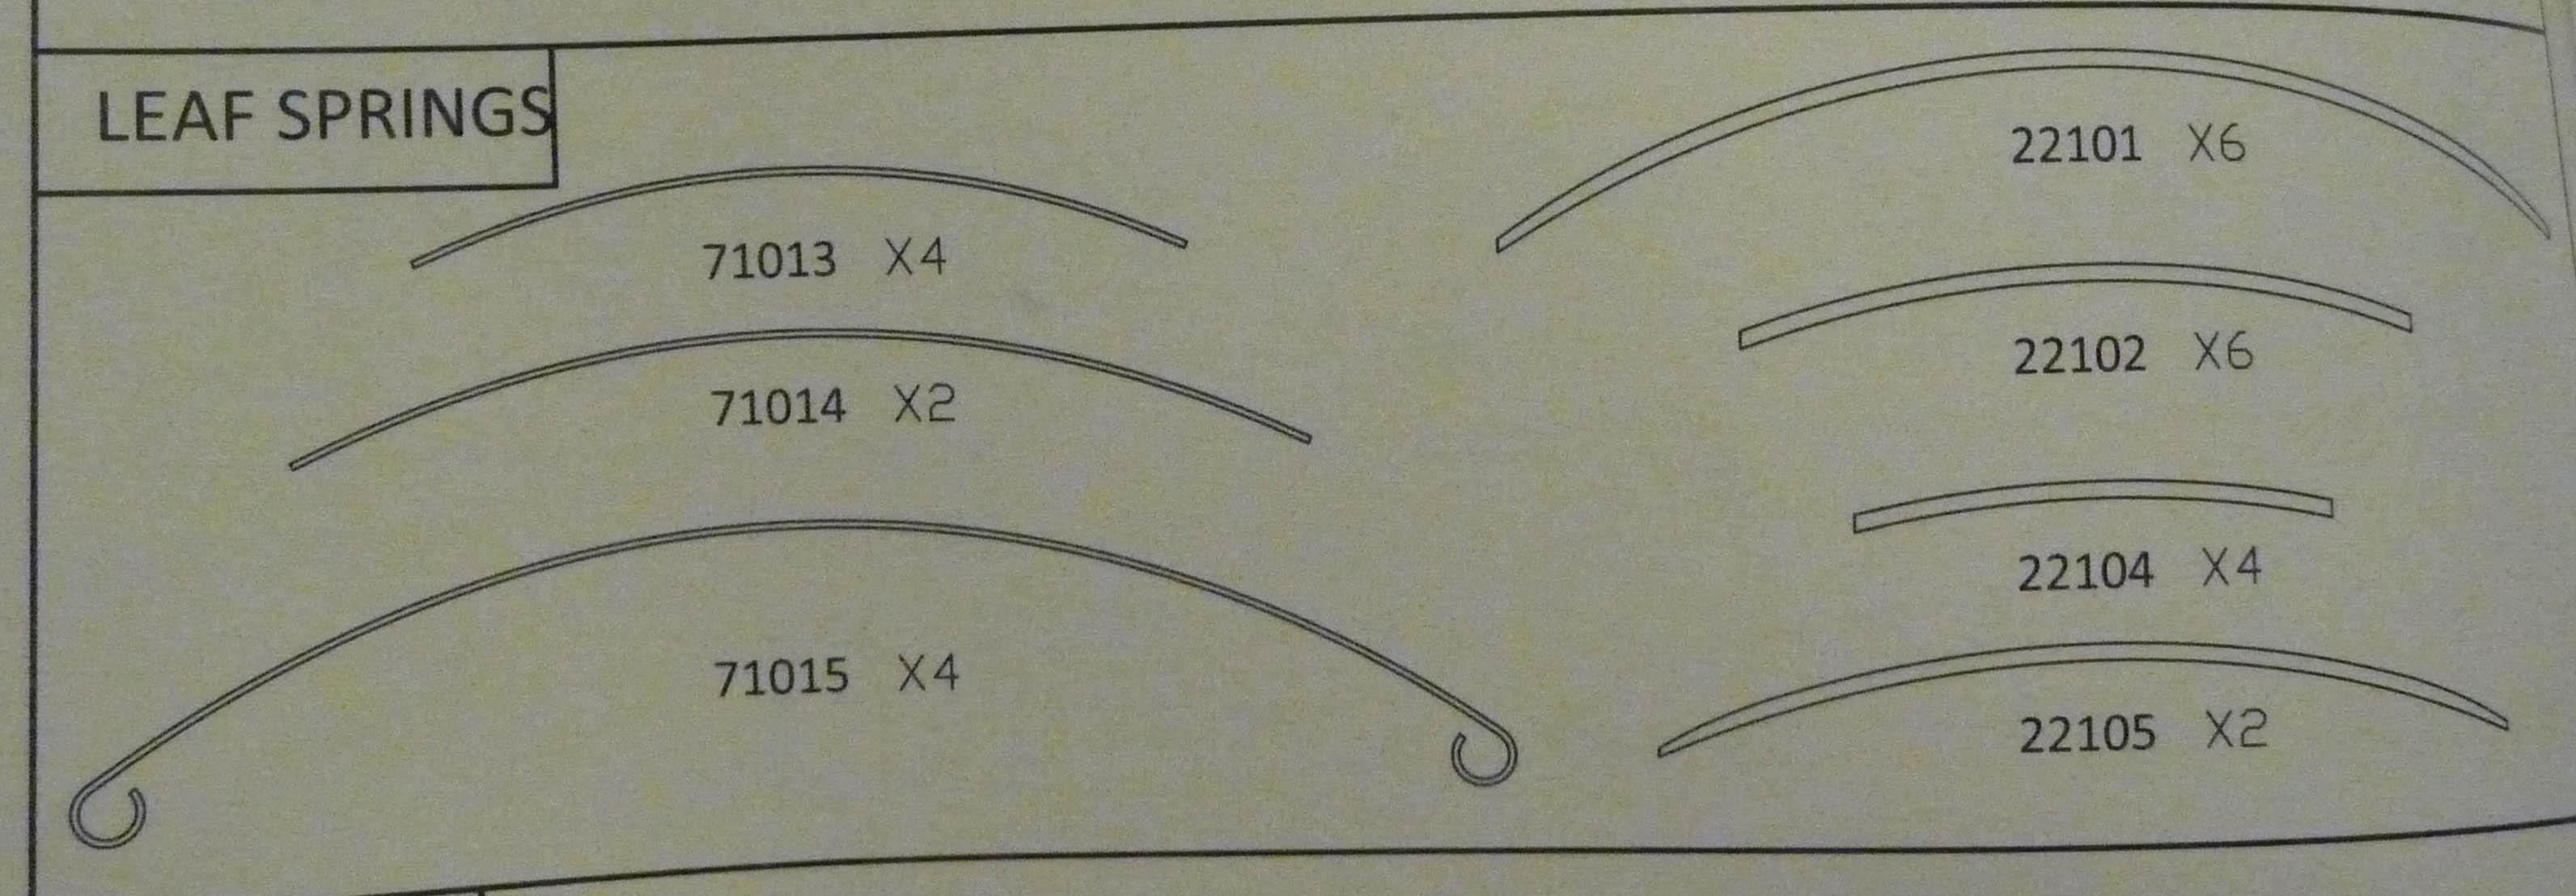 Camion Cross RC UC6 6x6 de Louloux : Montage et Présentation - Page 4 Uc6-su14